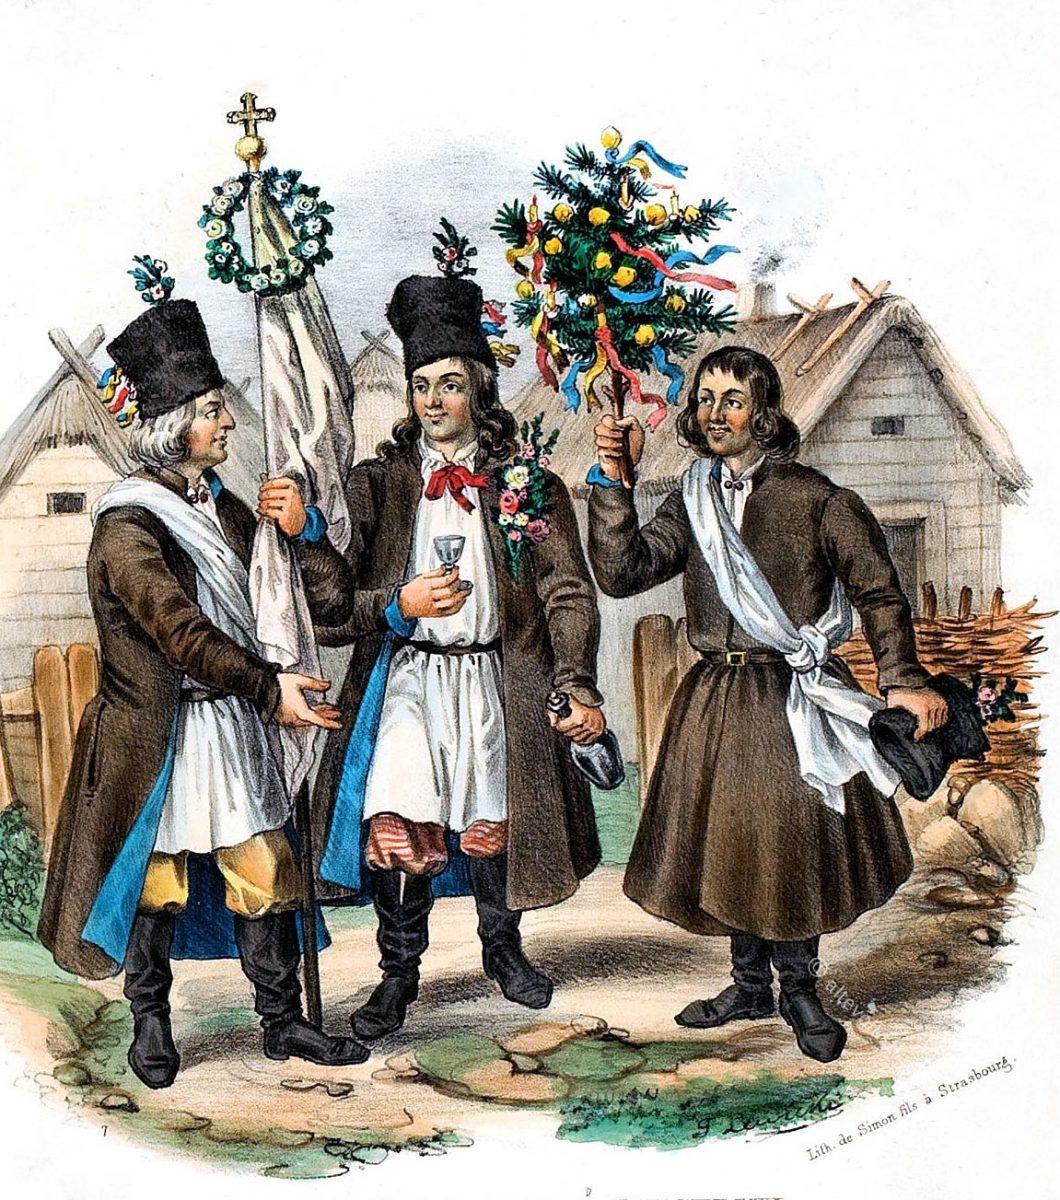 Polnische Landleute aus der Gegend von Lublin, am Tage der Hochzeit.